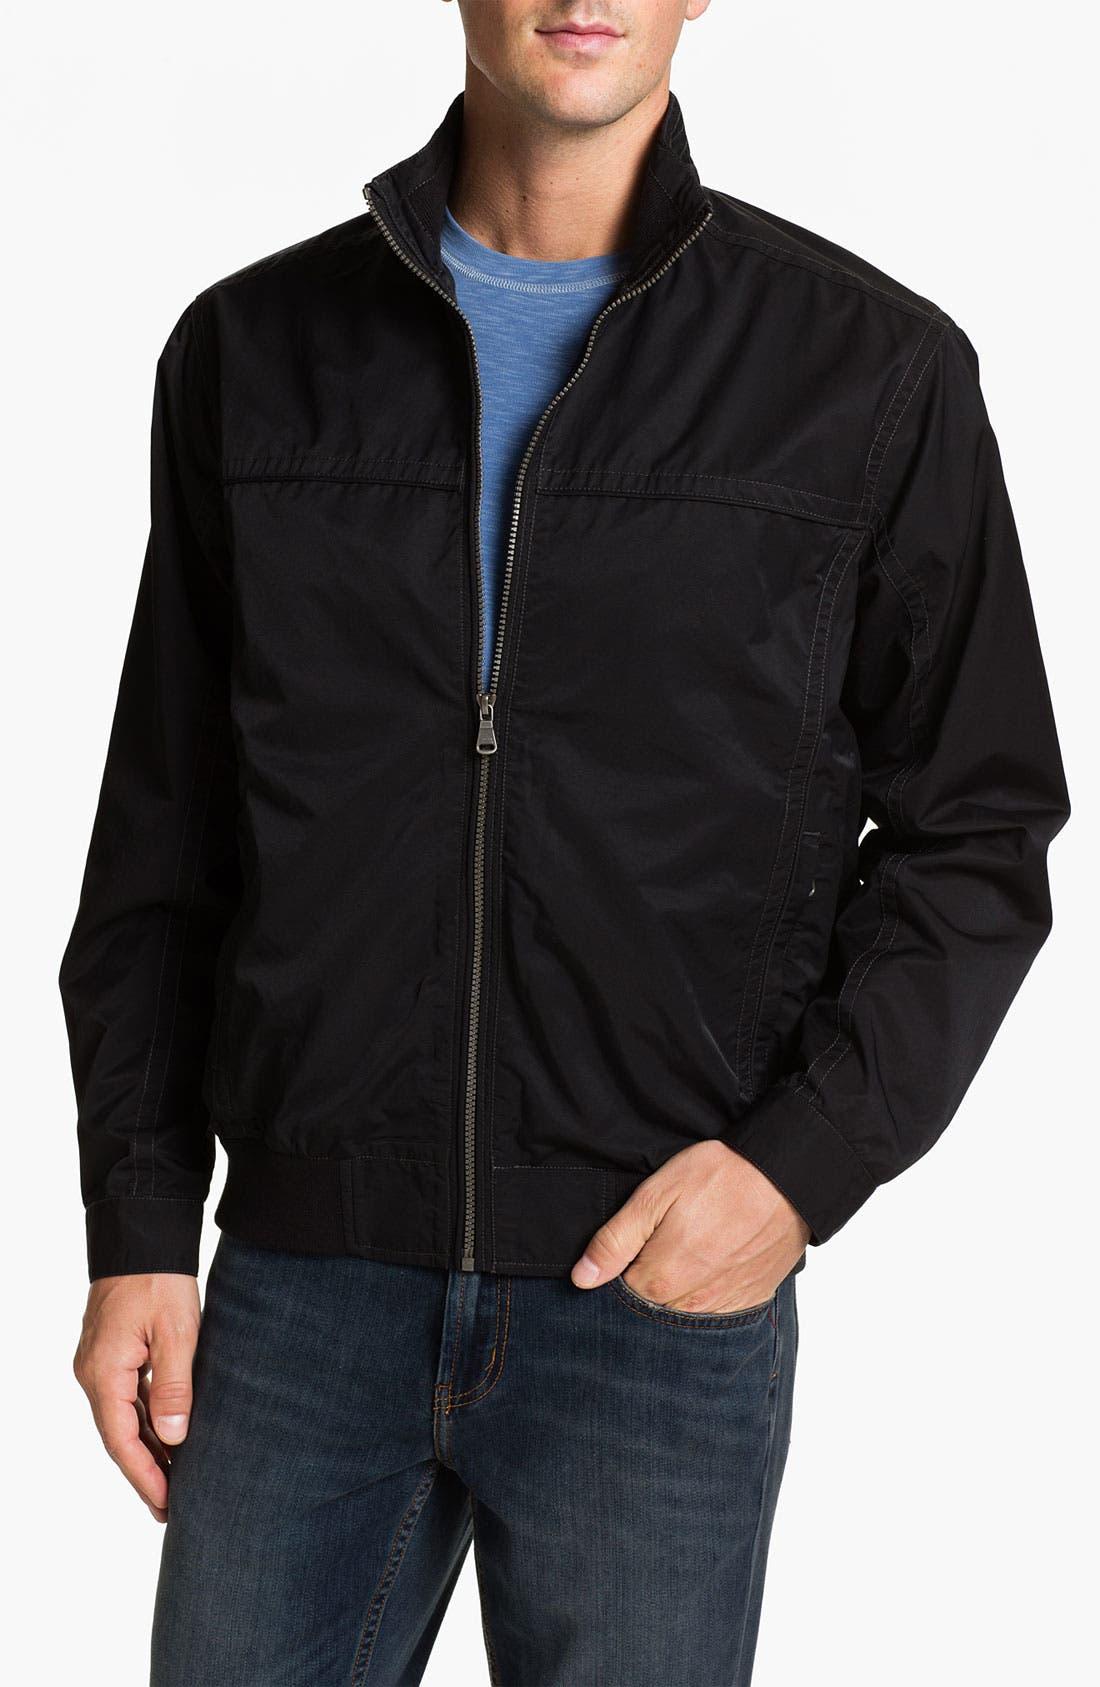 Main Image - Tommy Bahama 'Eisenhower' Jacket (Big & Tall)